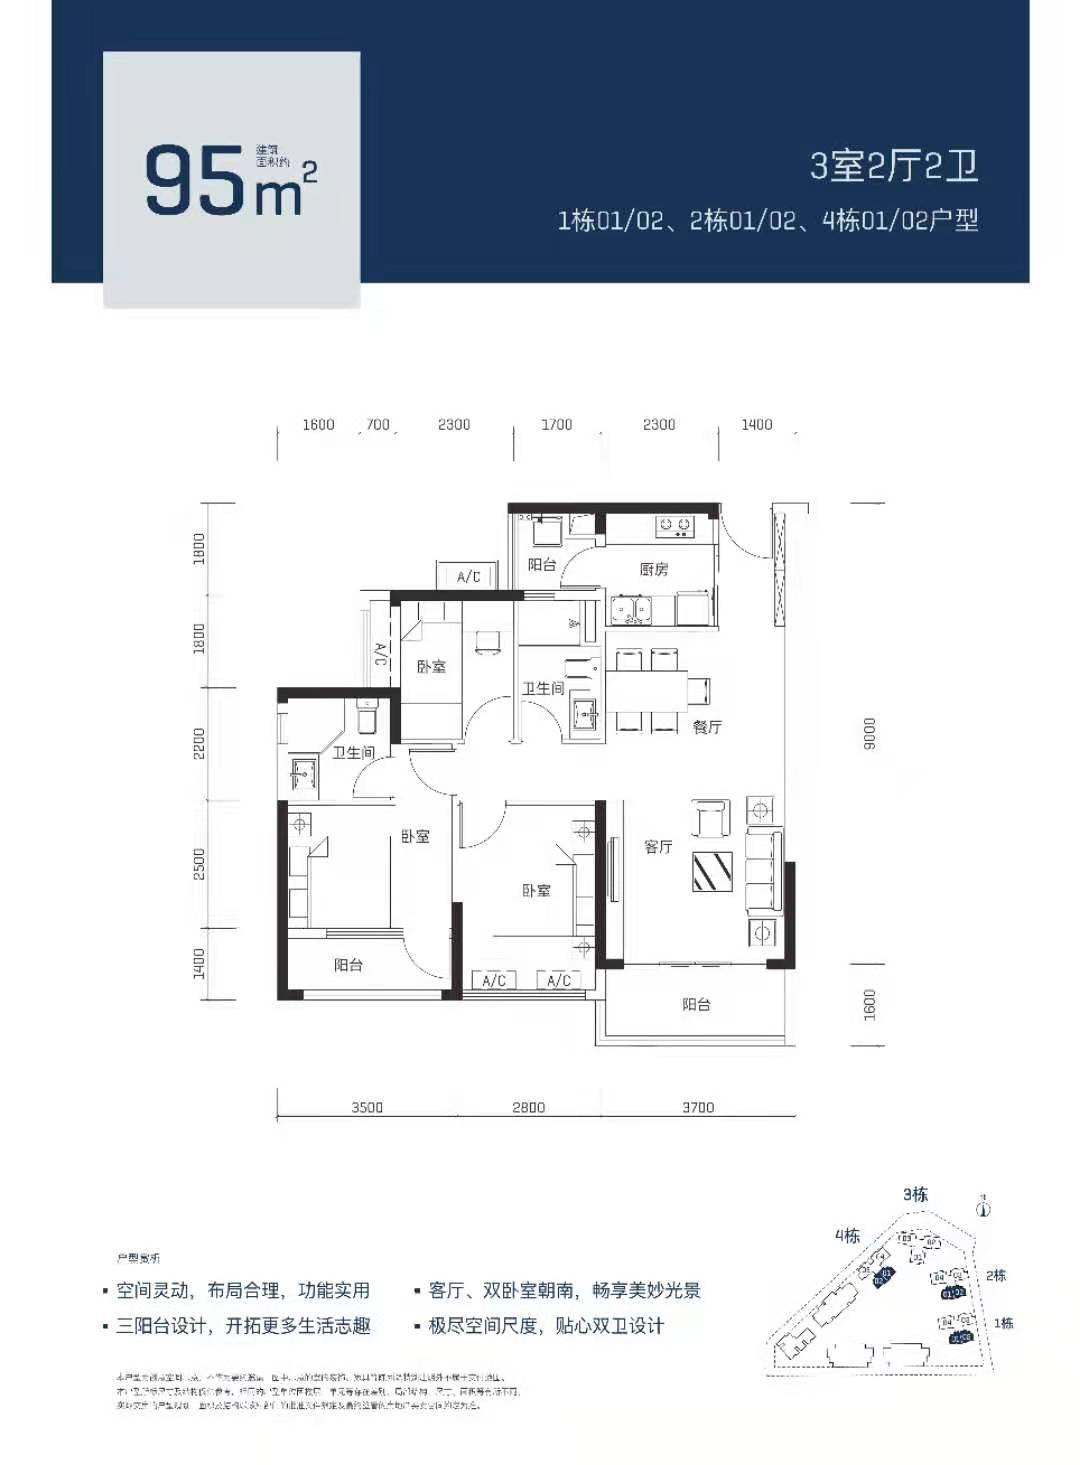 深圳宝安小产权房证价格